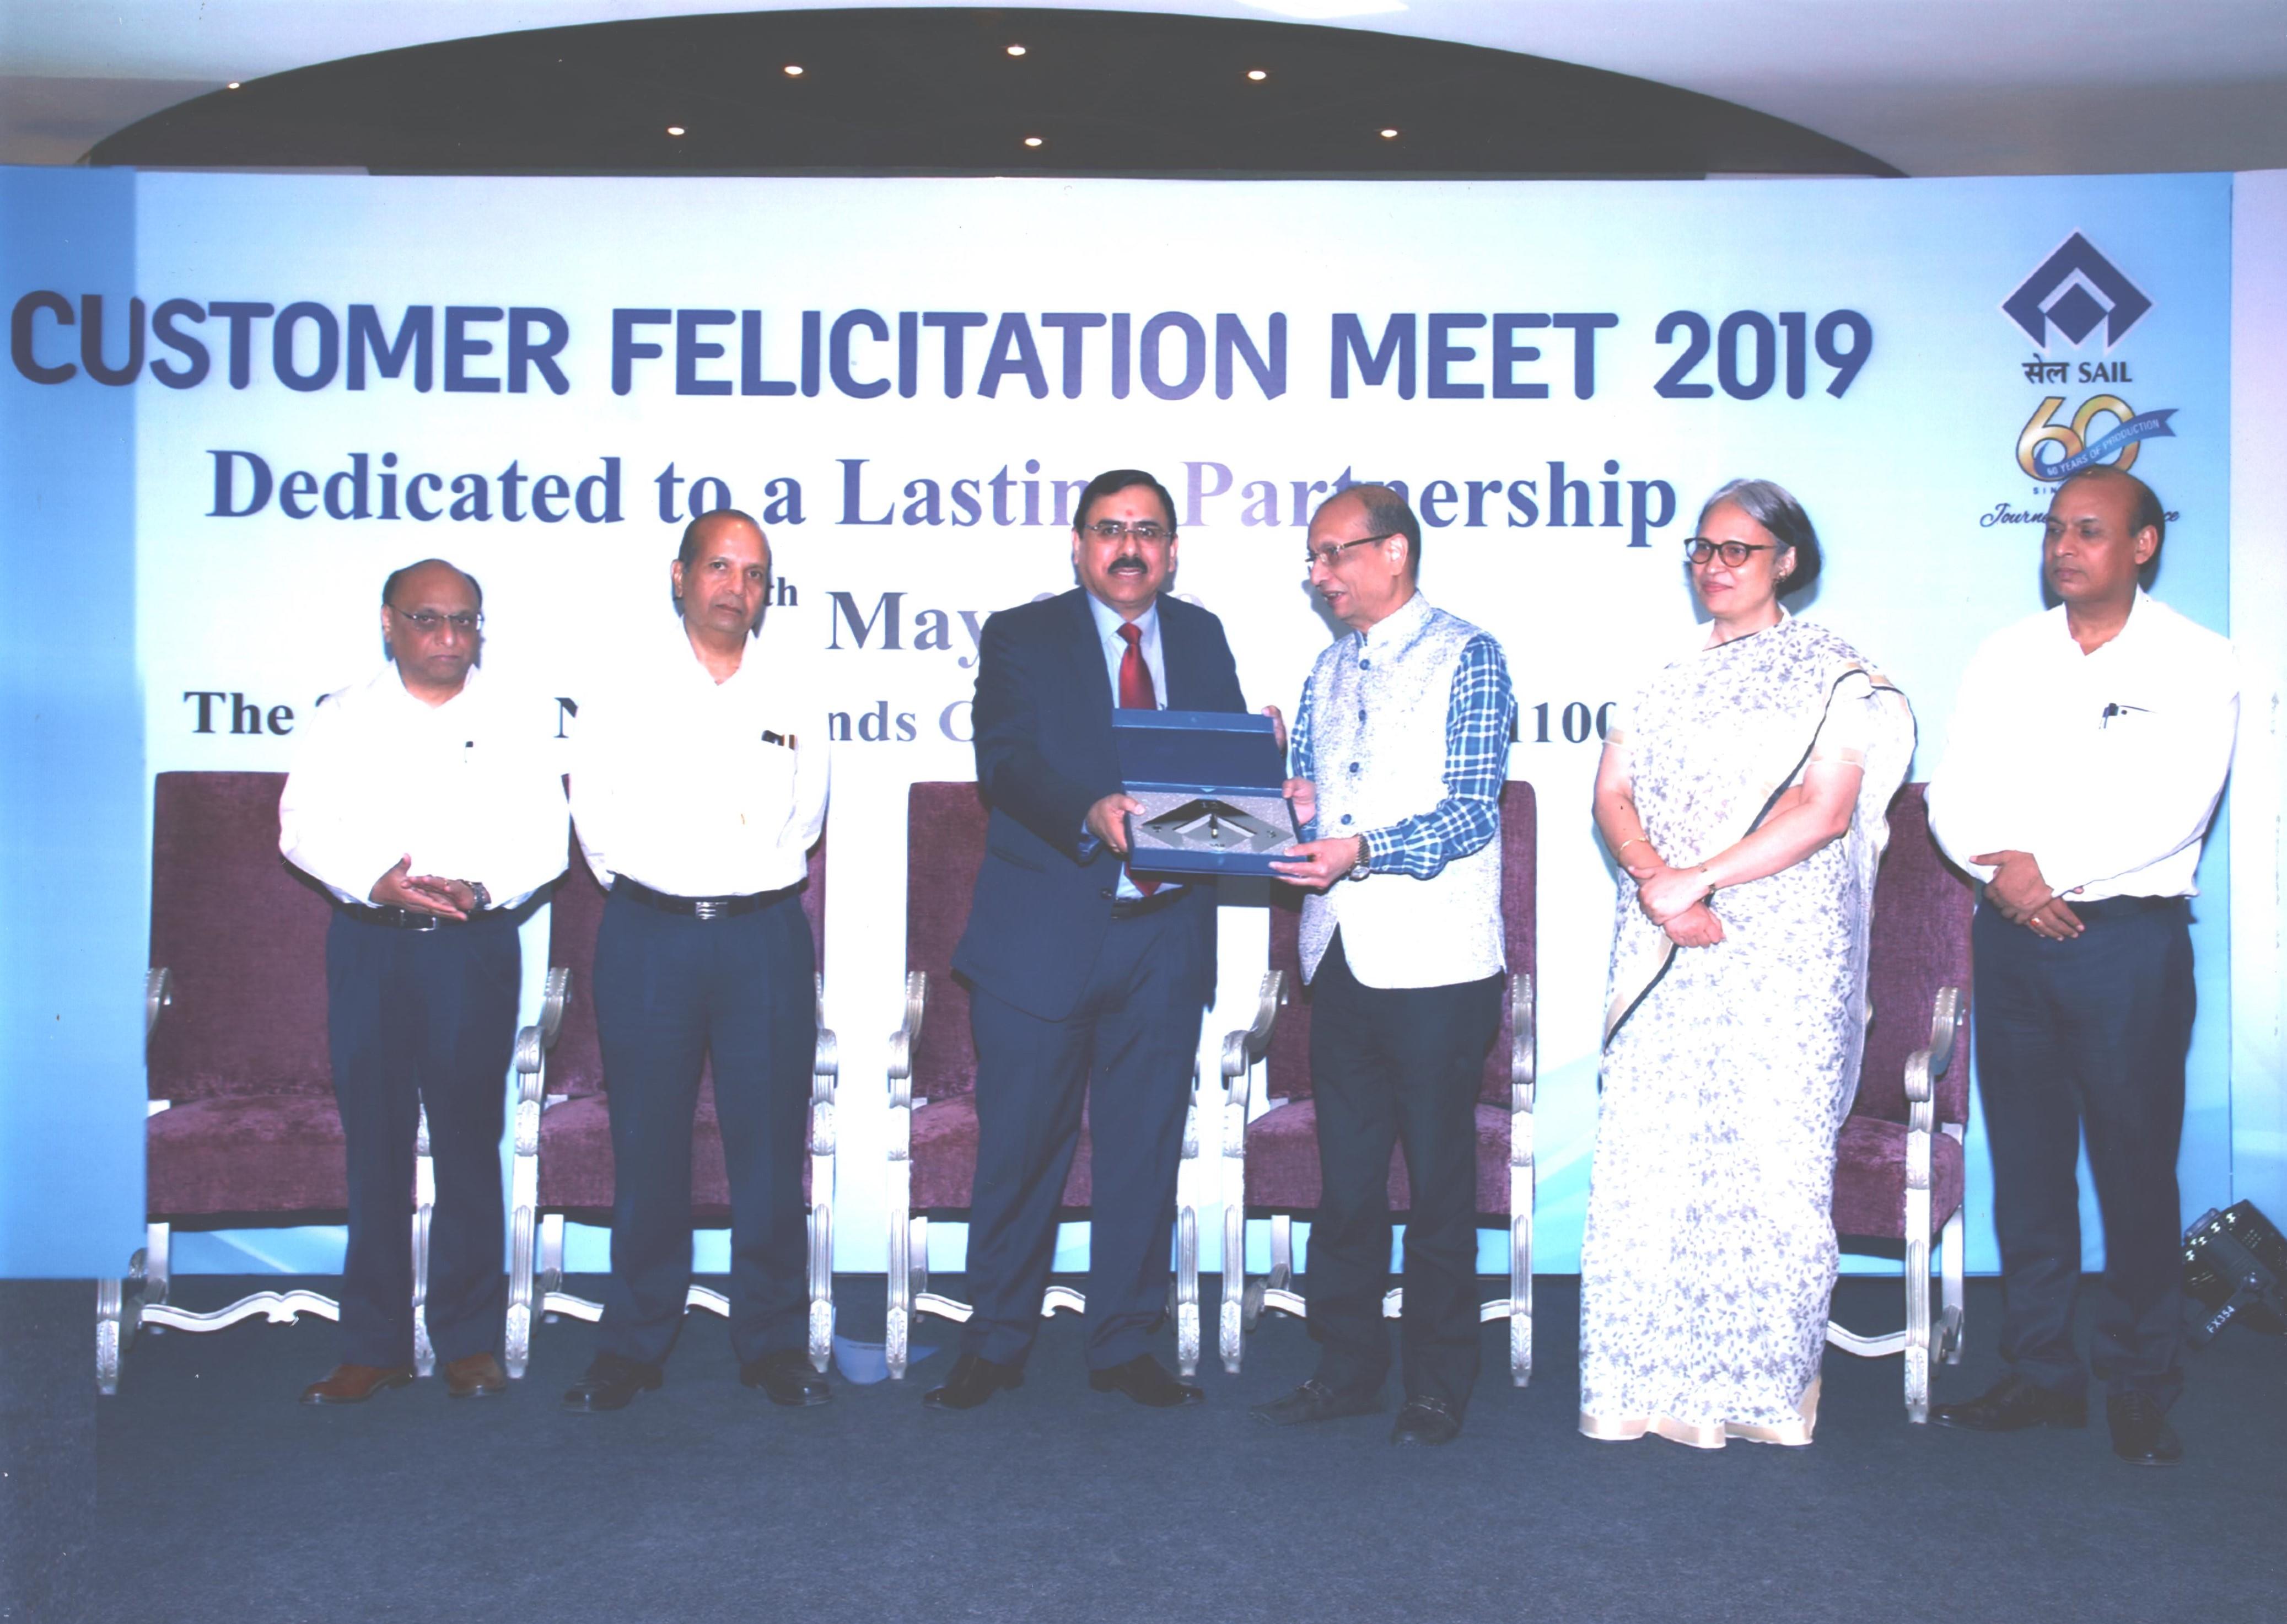 जगदम्बा स्टील्स् सर्वोत्कृष्ट प्रदर्शनका भारतको प्रतिष्ठित स्टील (SAIL) संगठनद्वारा सम्मानित